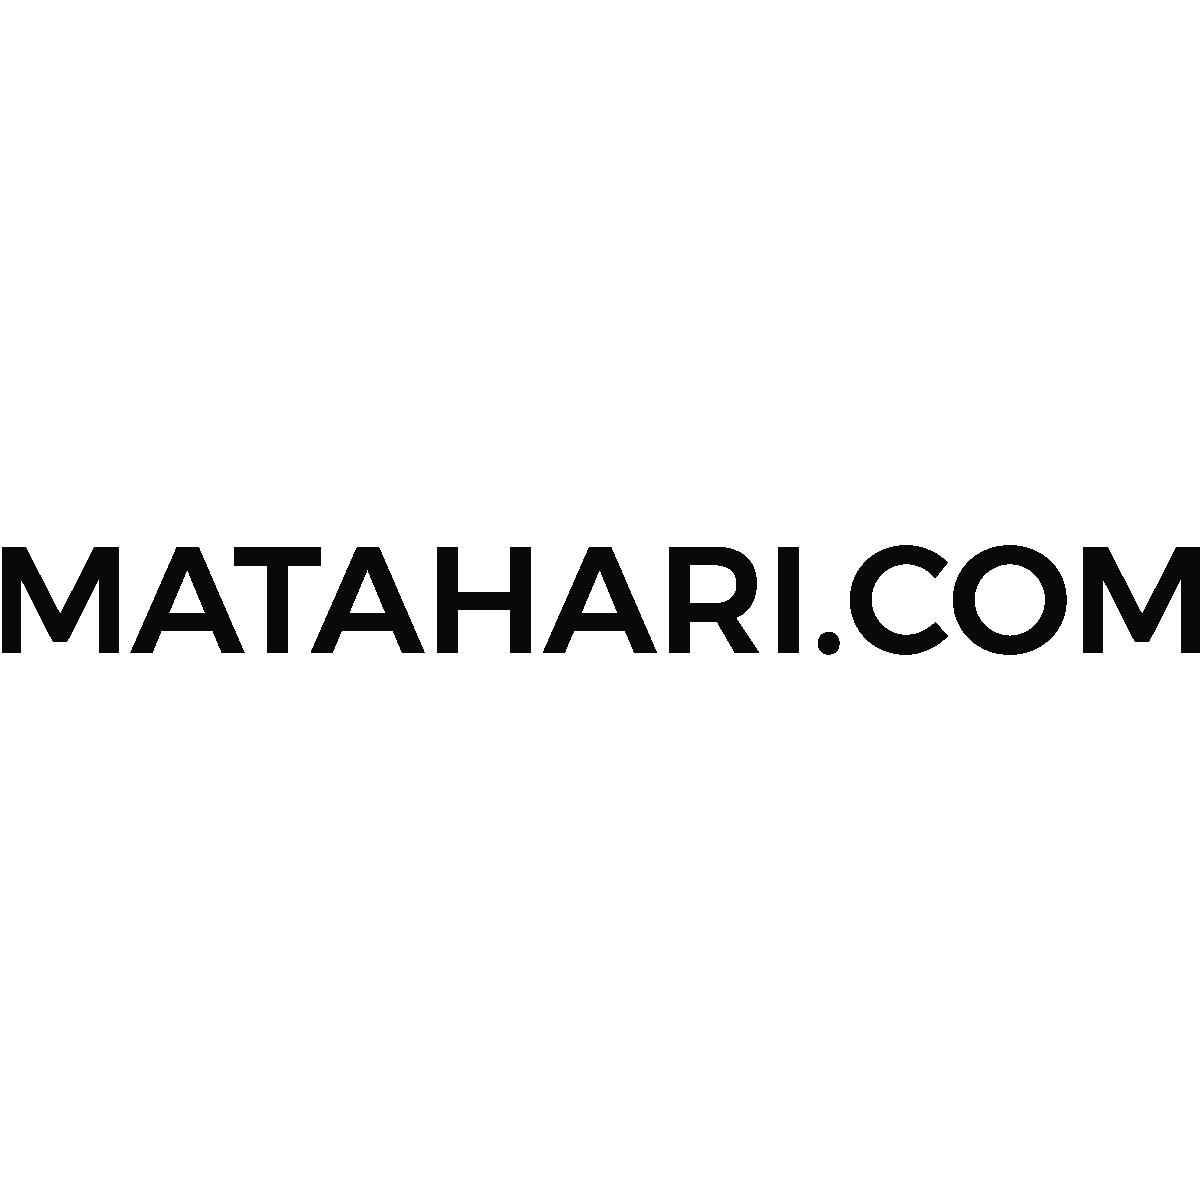 Promo Matahari.com Special